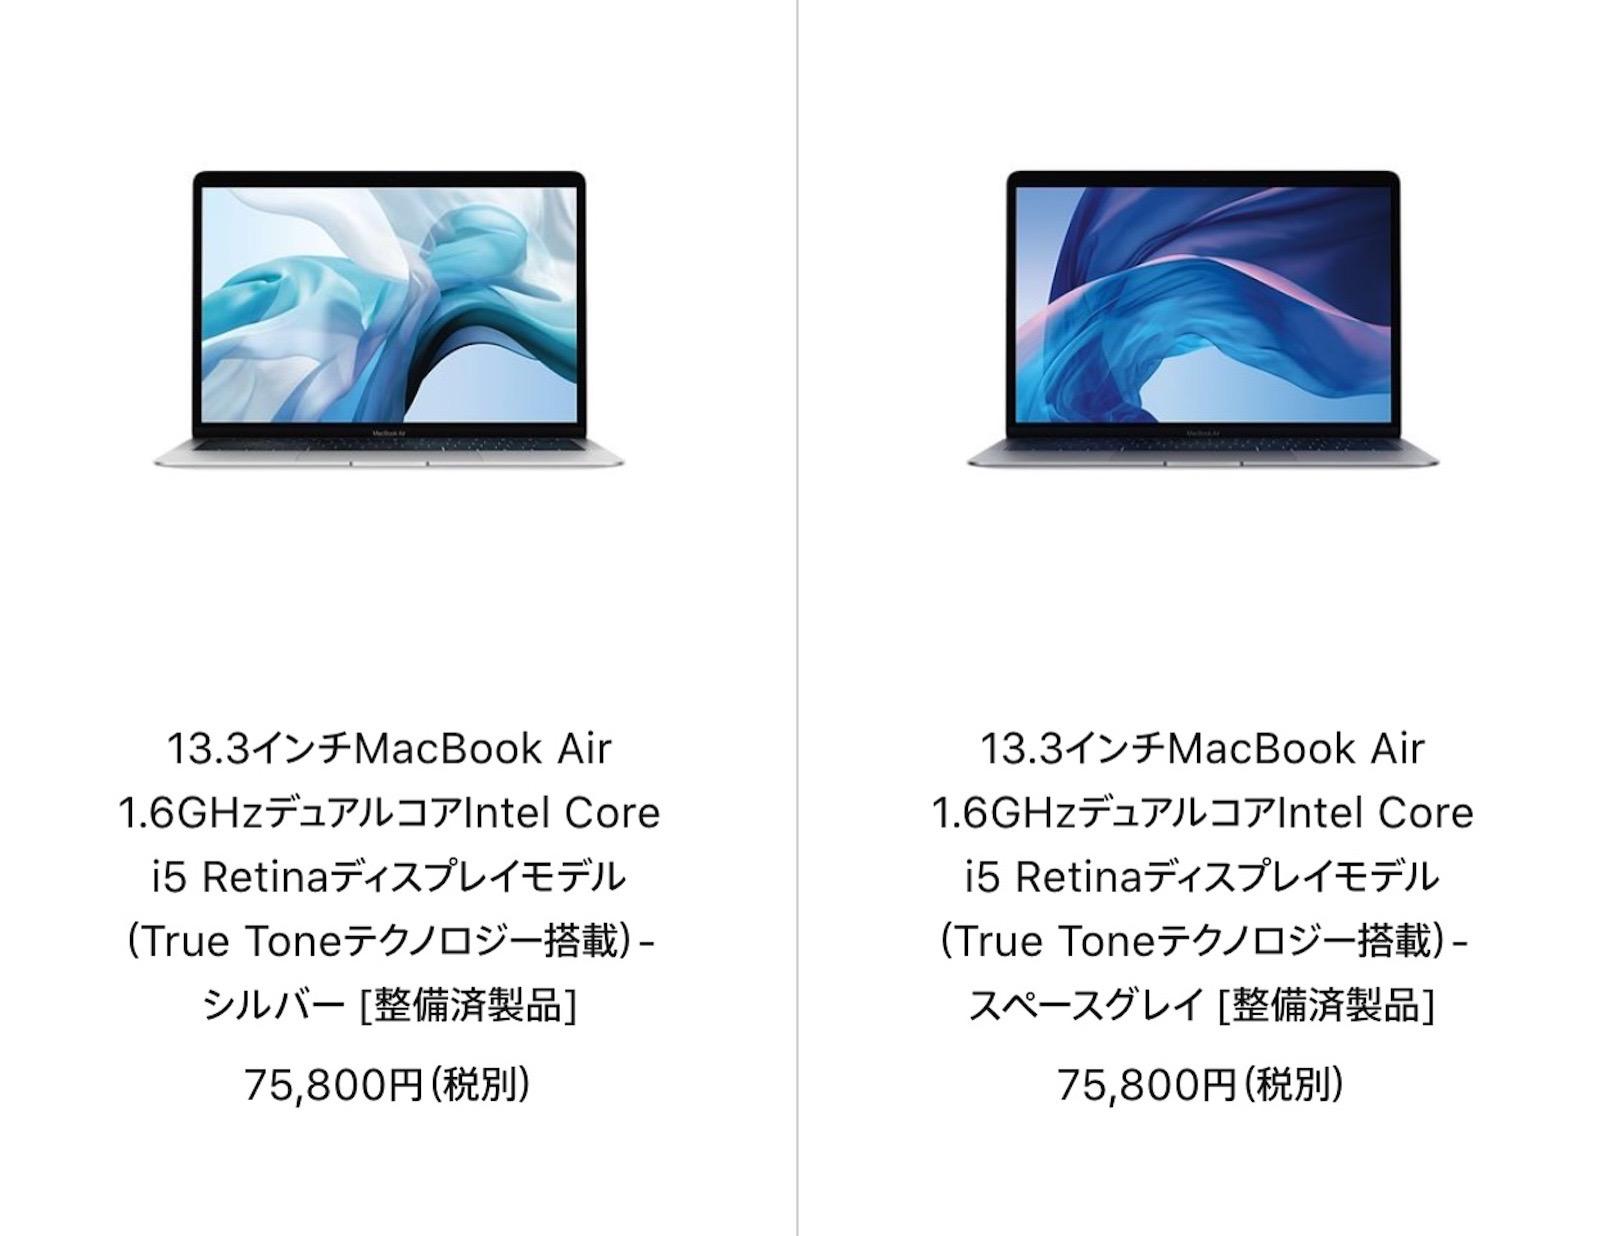 Macbook air 2019 on sale